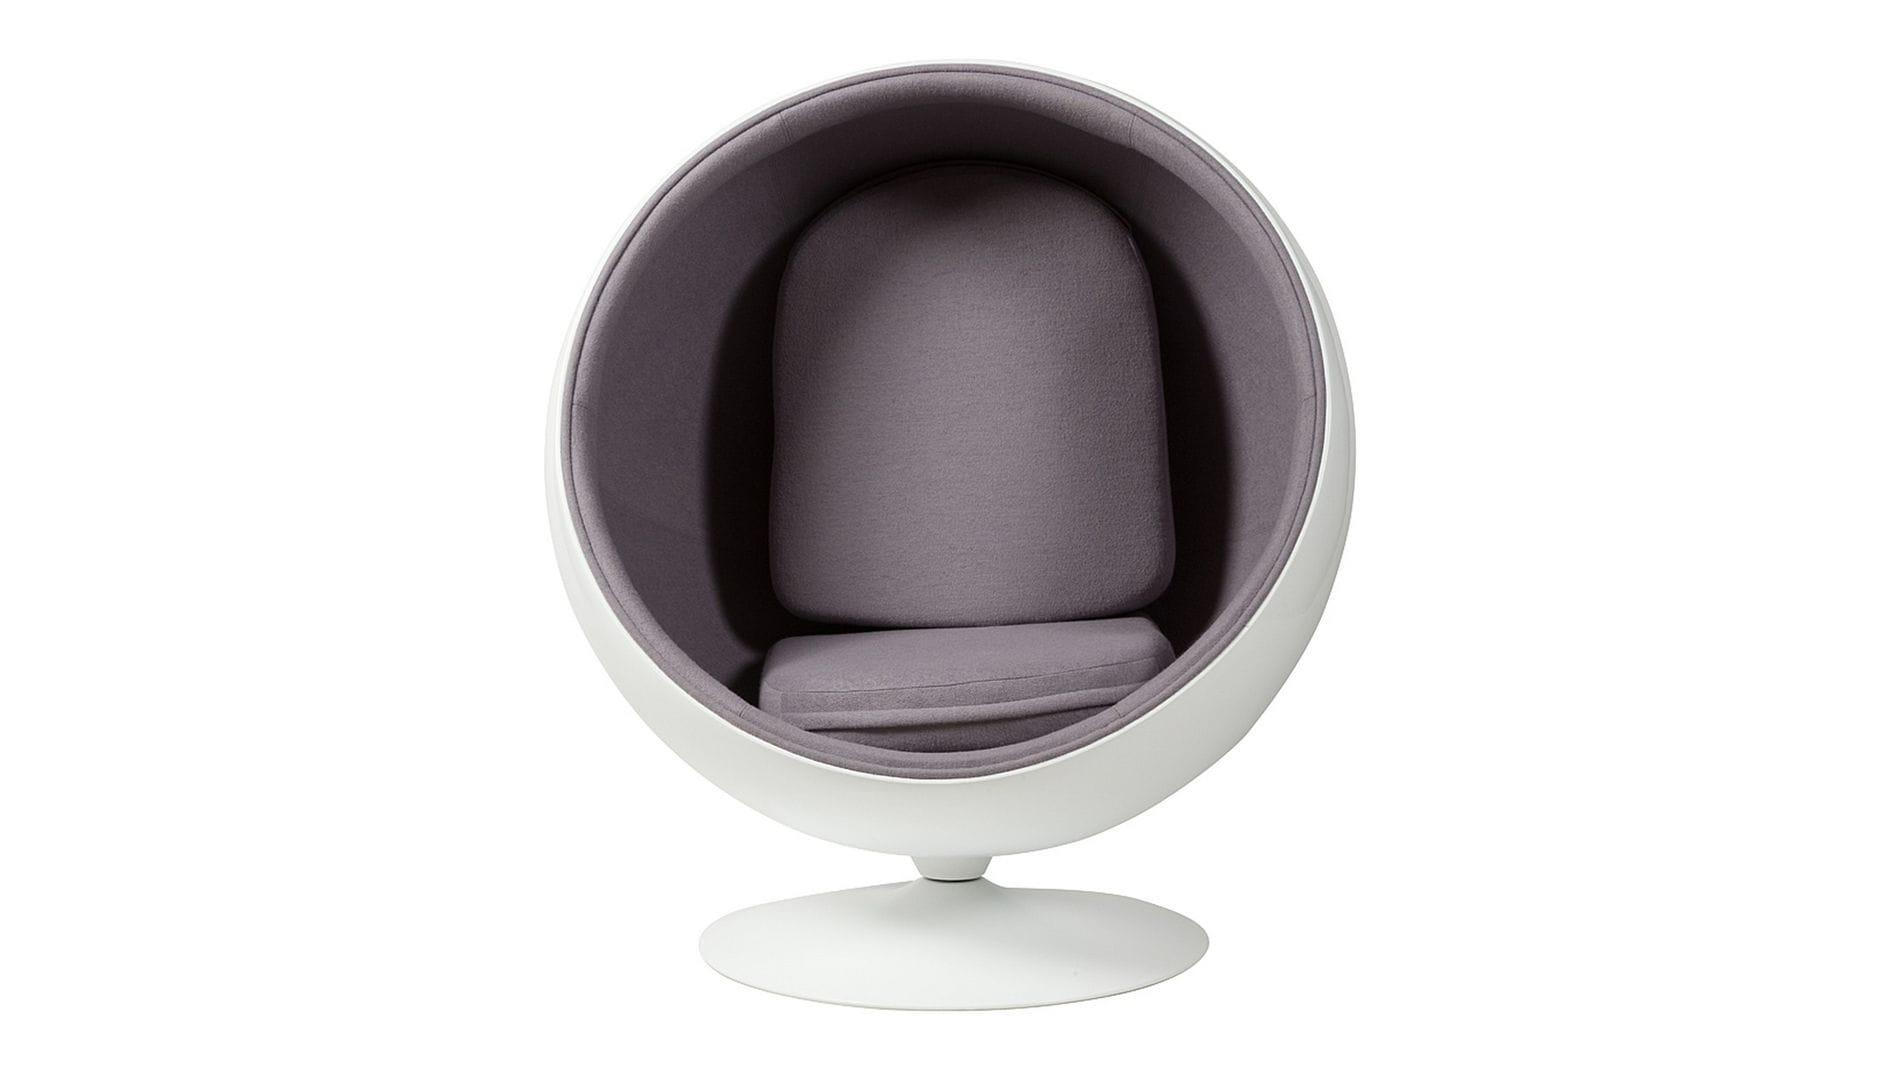 Кресло Eero Ball Chair Серая Шерсть